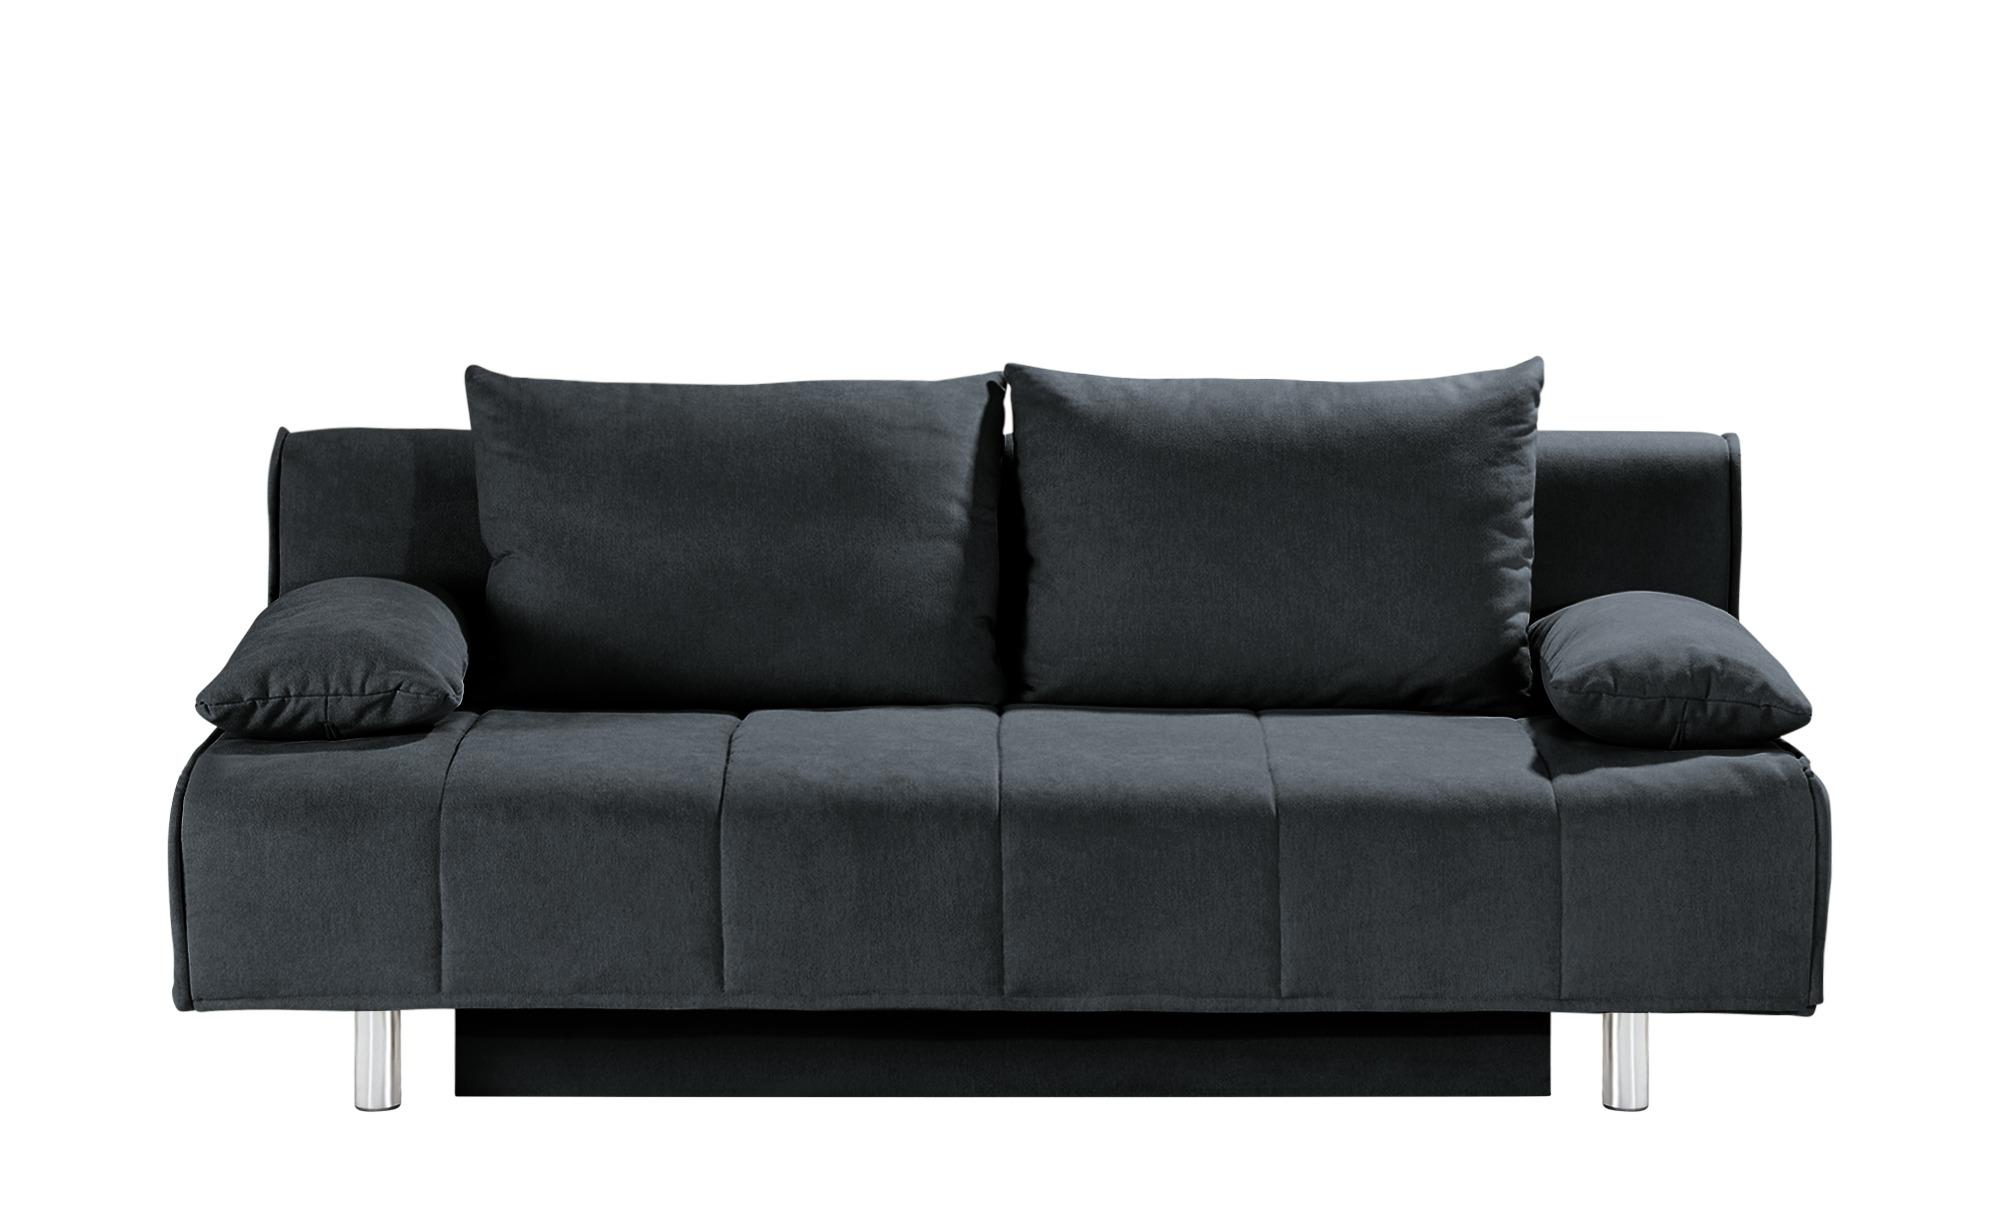 smart Schlafsofa schwarz - Webstoff Alina ¦ schwarz ¦ Maße (cm): B: 200 H: 90 T: 100 Polstermöbel > Sofas > 2-Sitzer - Höffner